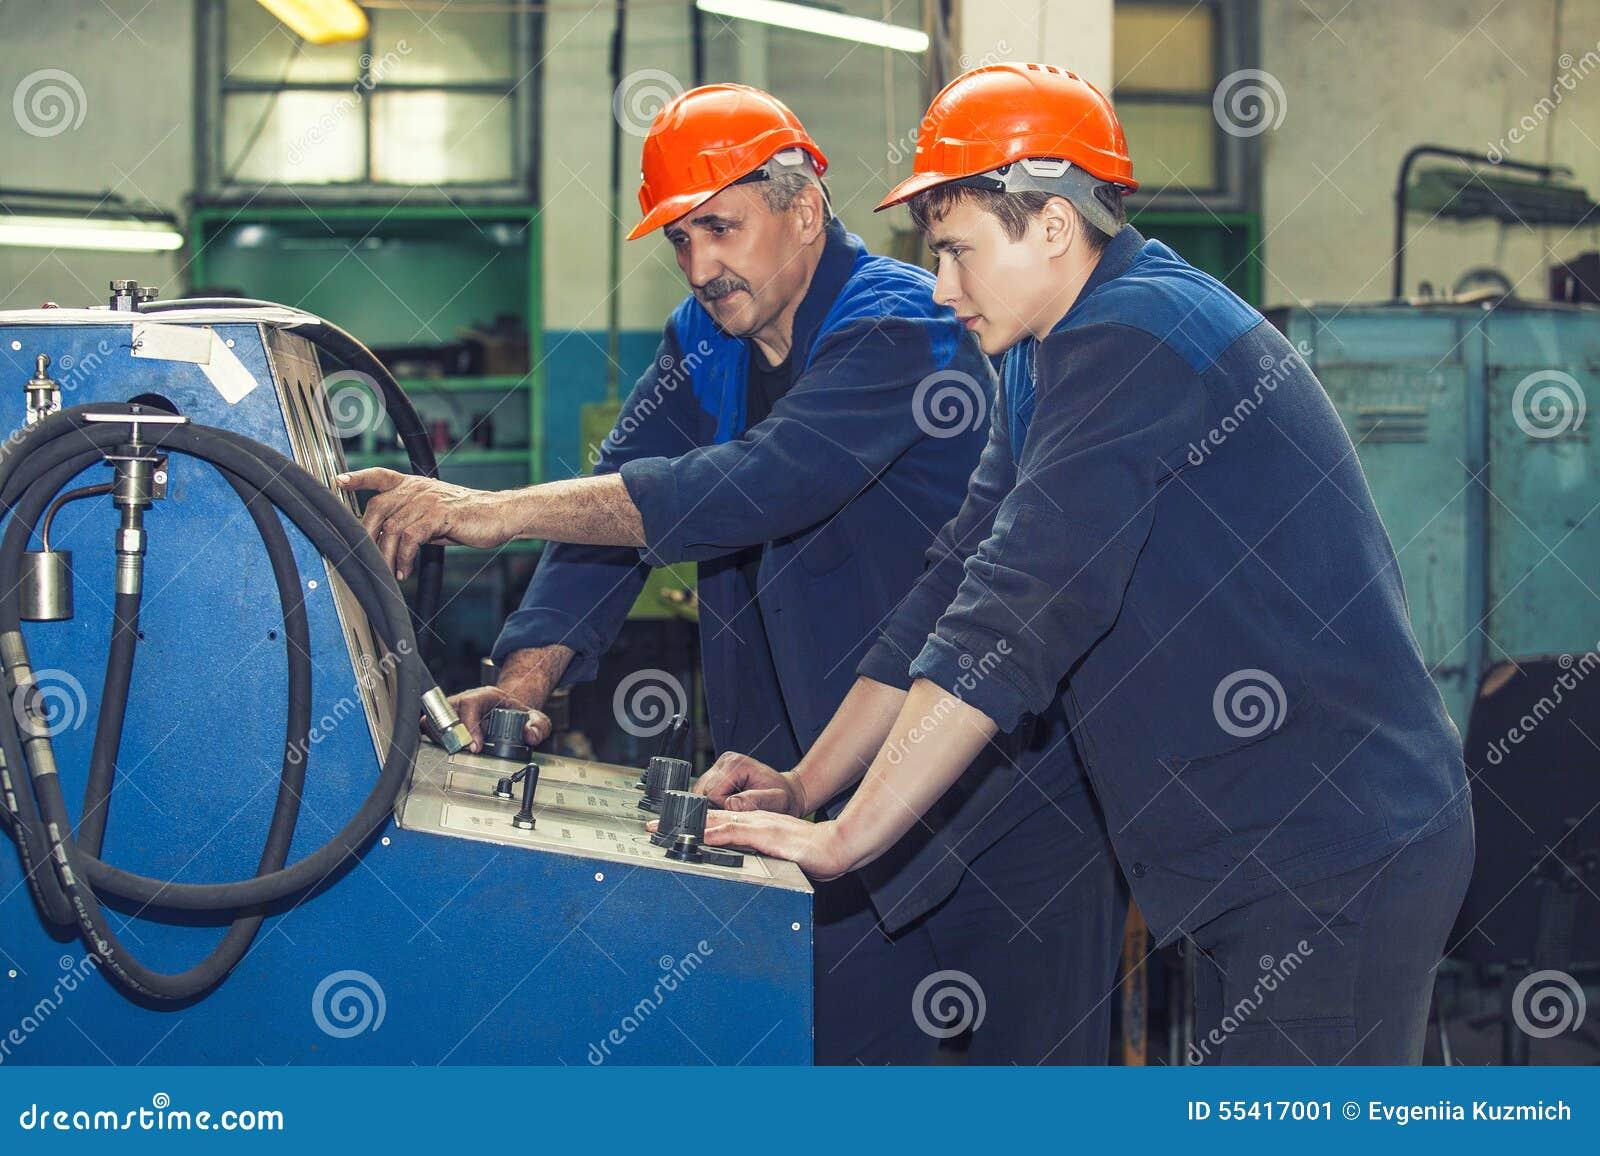 Τα άτομα εργάζονται στο παλαιό εργοστάσιο για την εγκατάσταση του εξοπλισμού